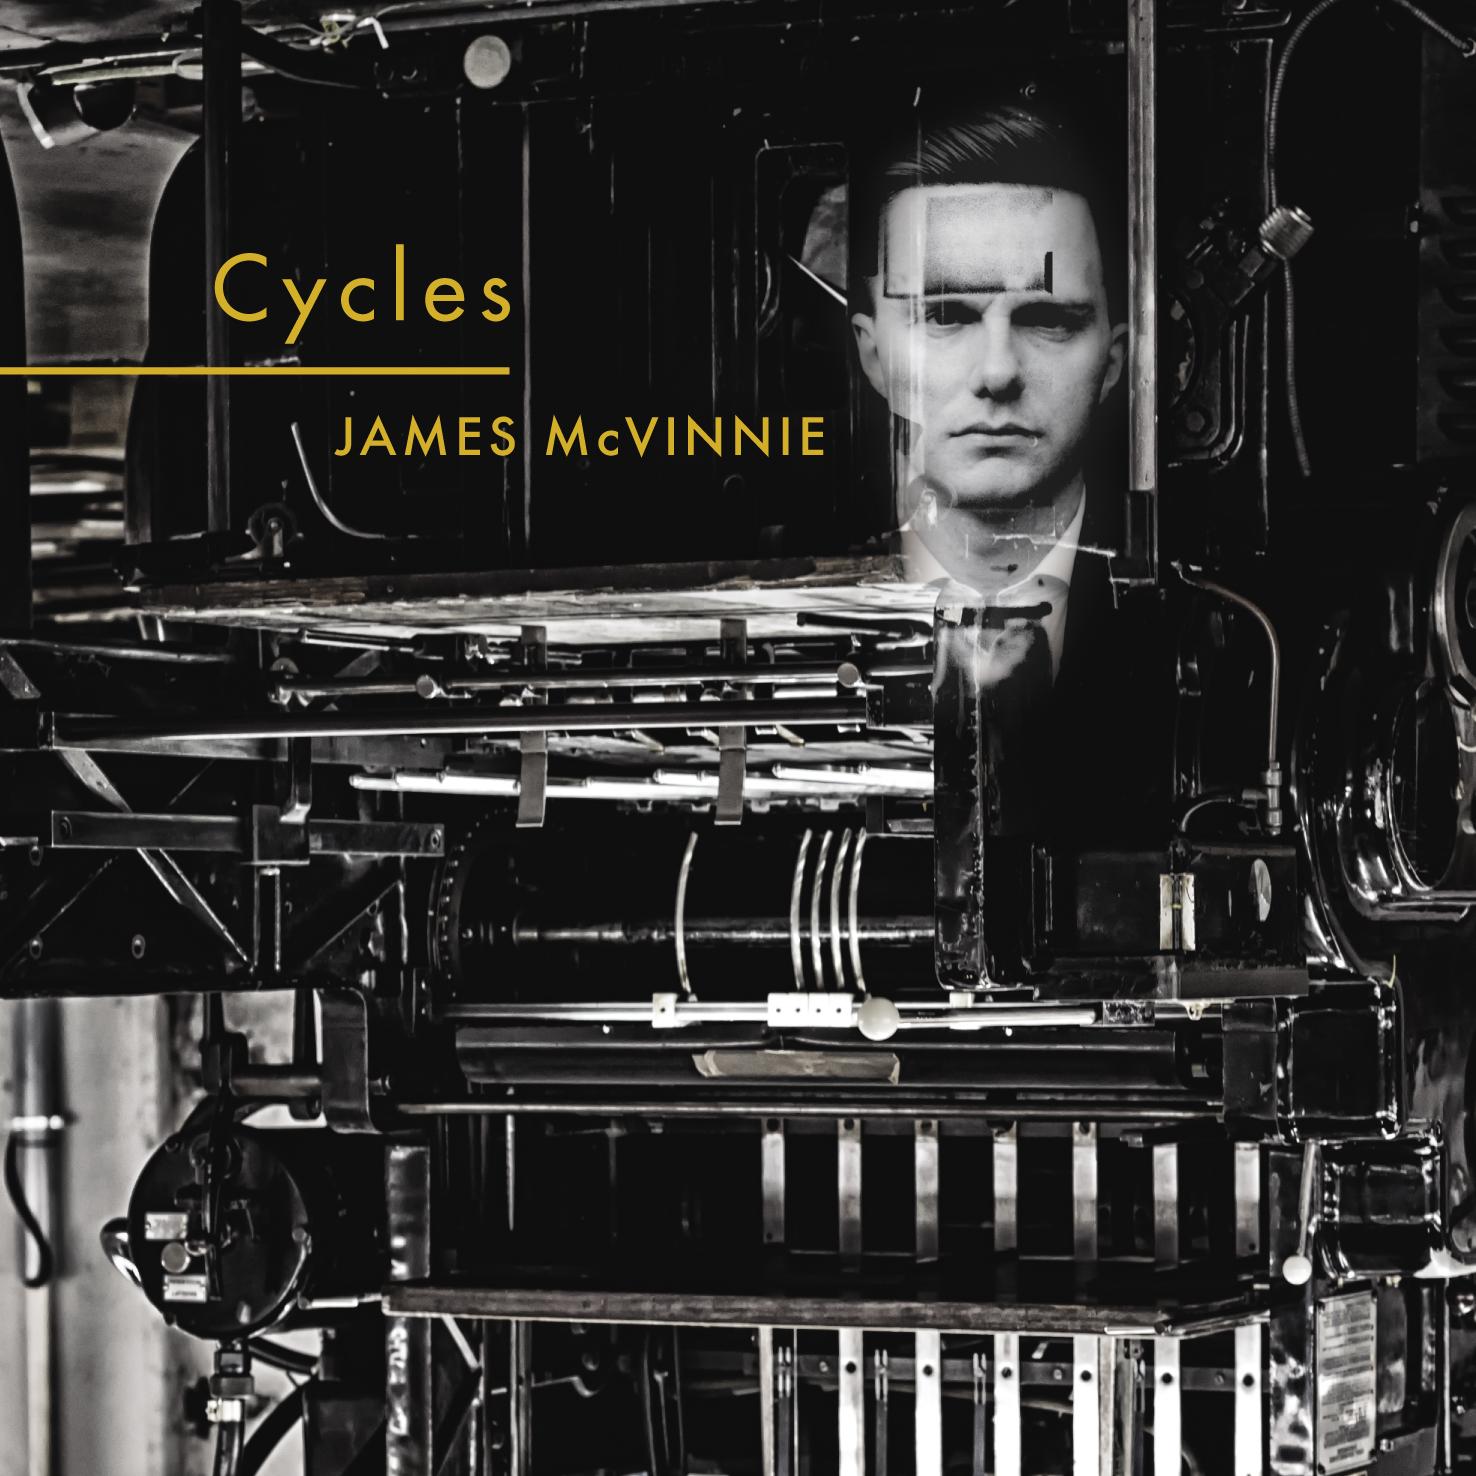 JAMES MC VINNIECYCLES - CD/DIGITAL